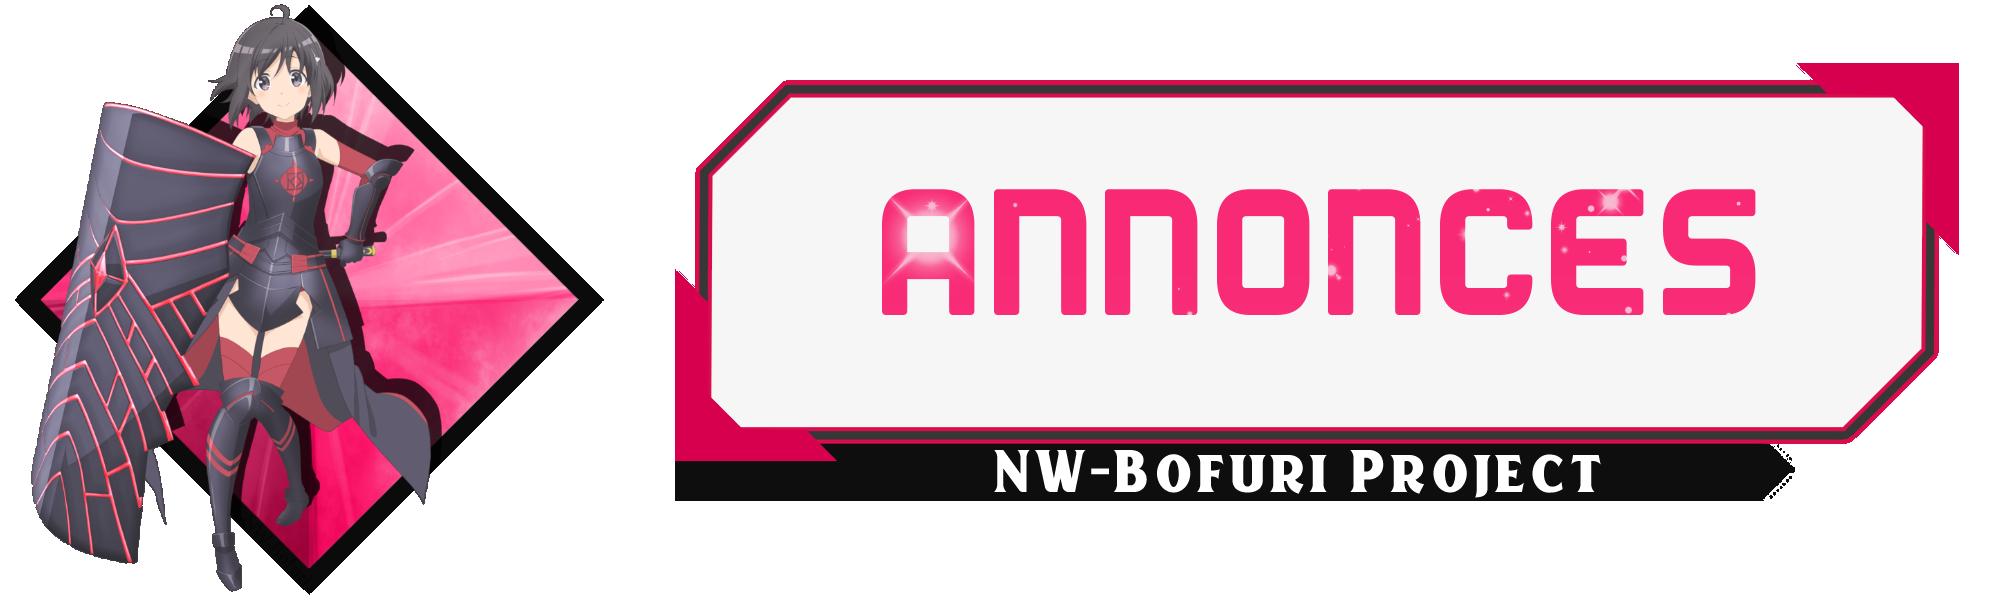 ANNONCES Header V2.png